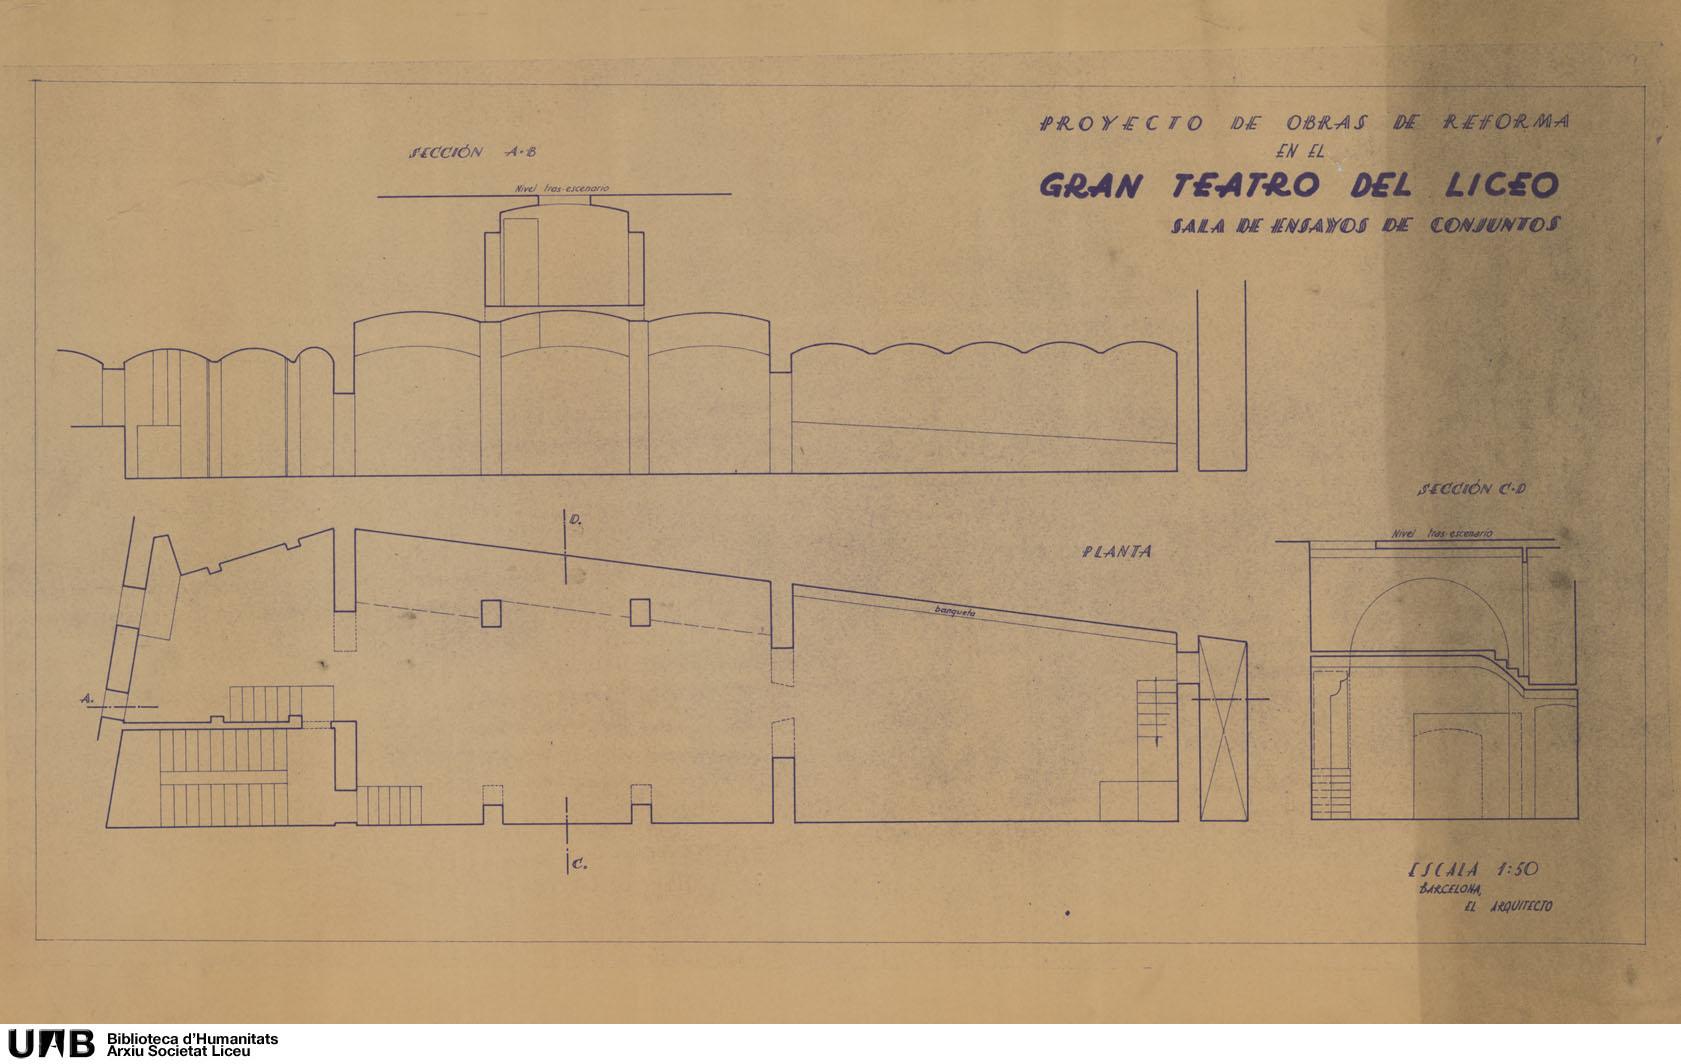 Proyecto de obras de reforma en el Gran Teatro del Liceo : Sala de ensayos de conjuntos